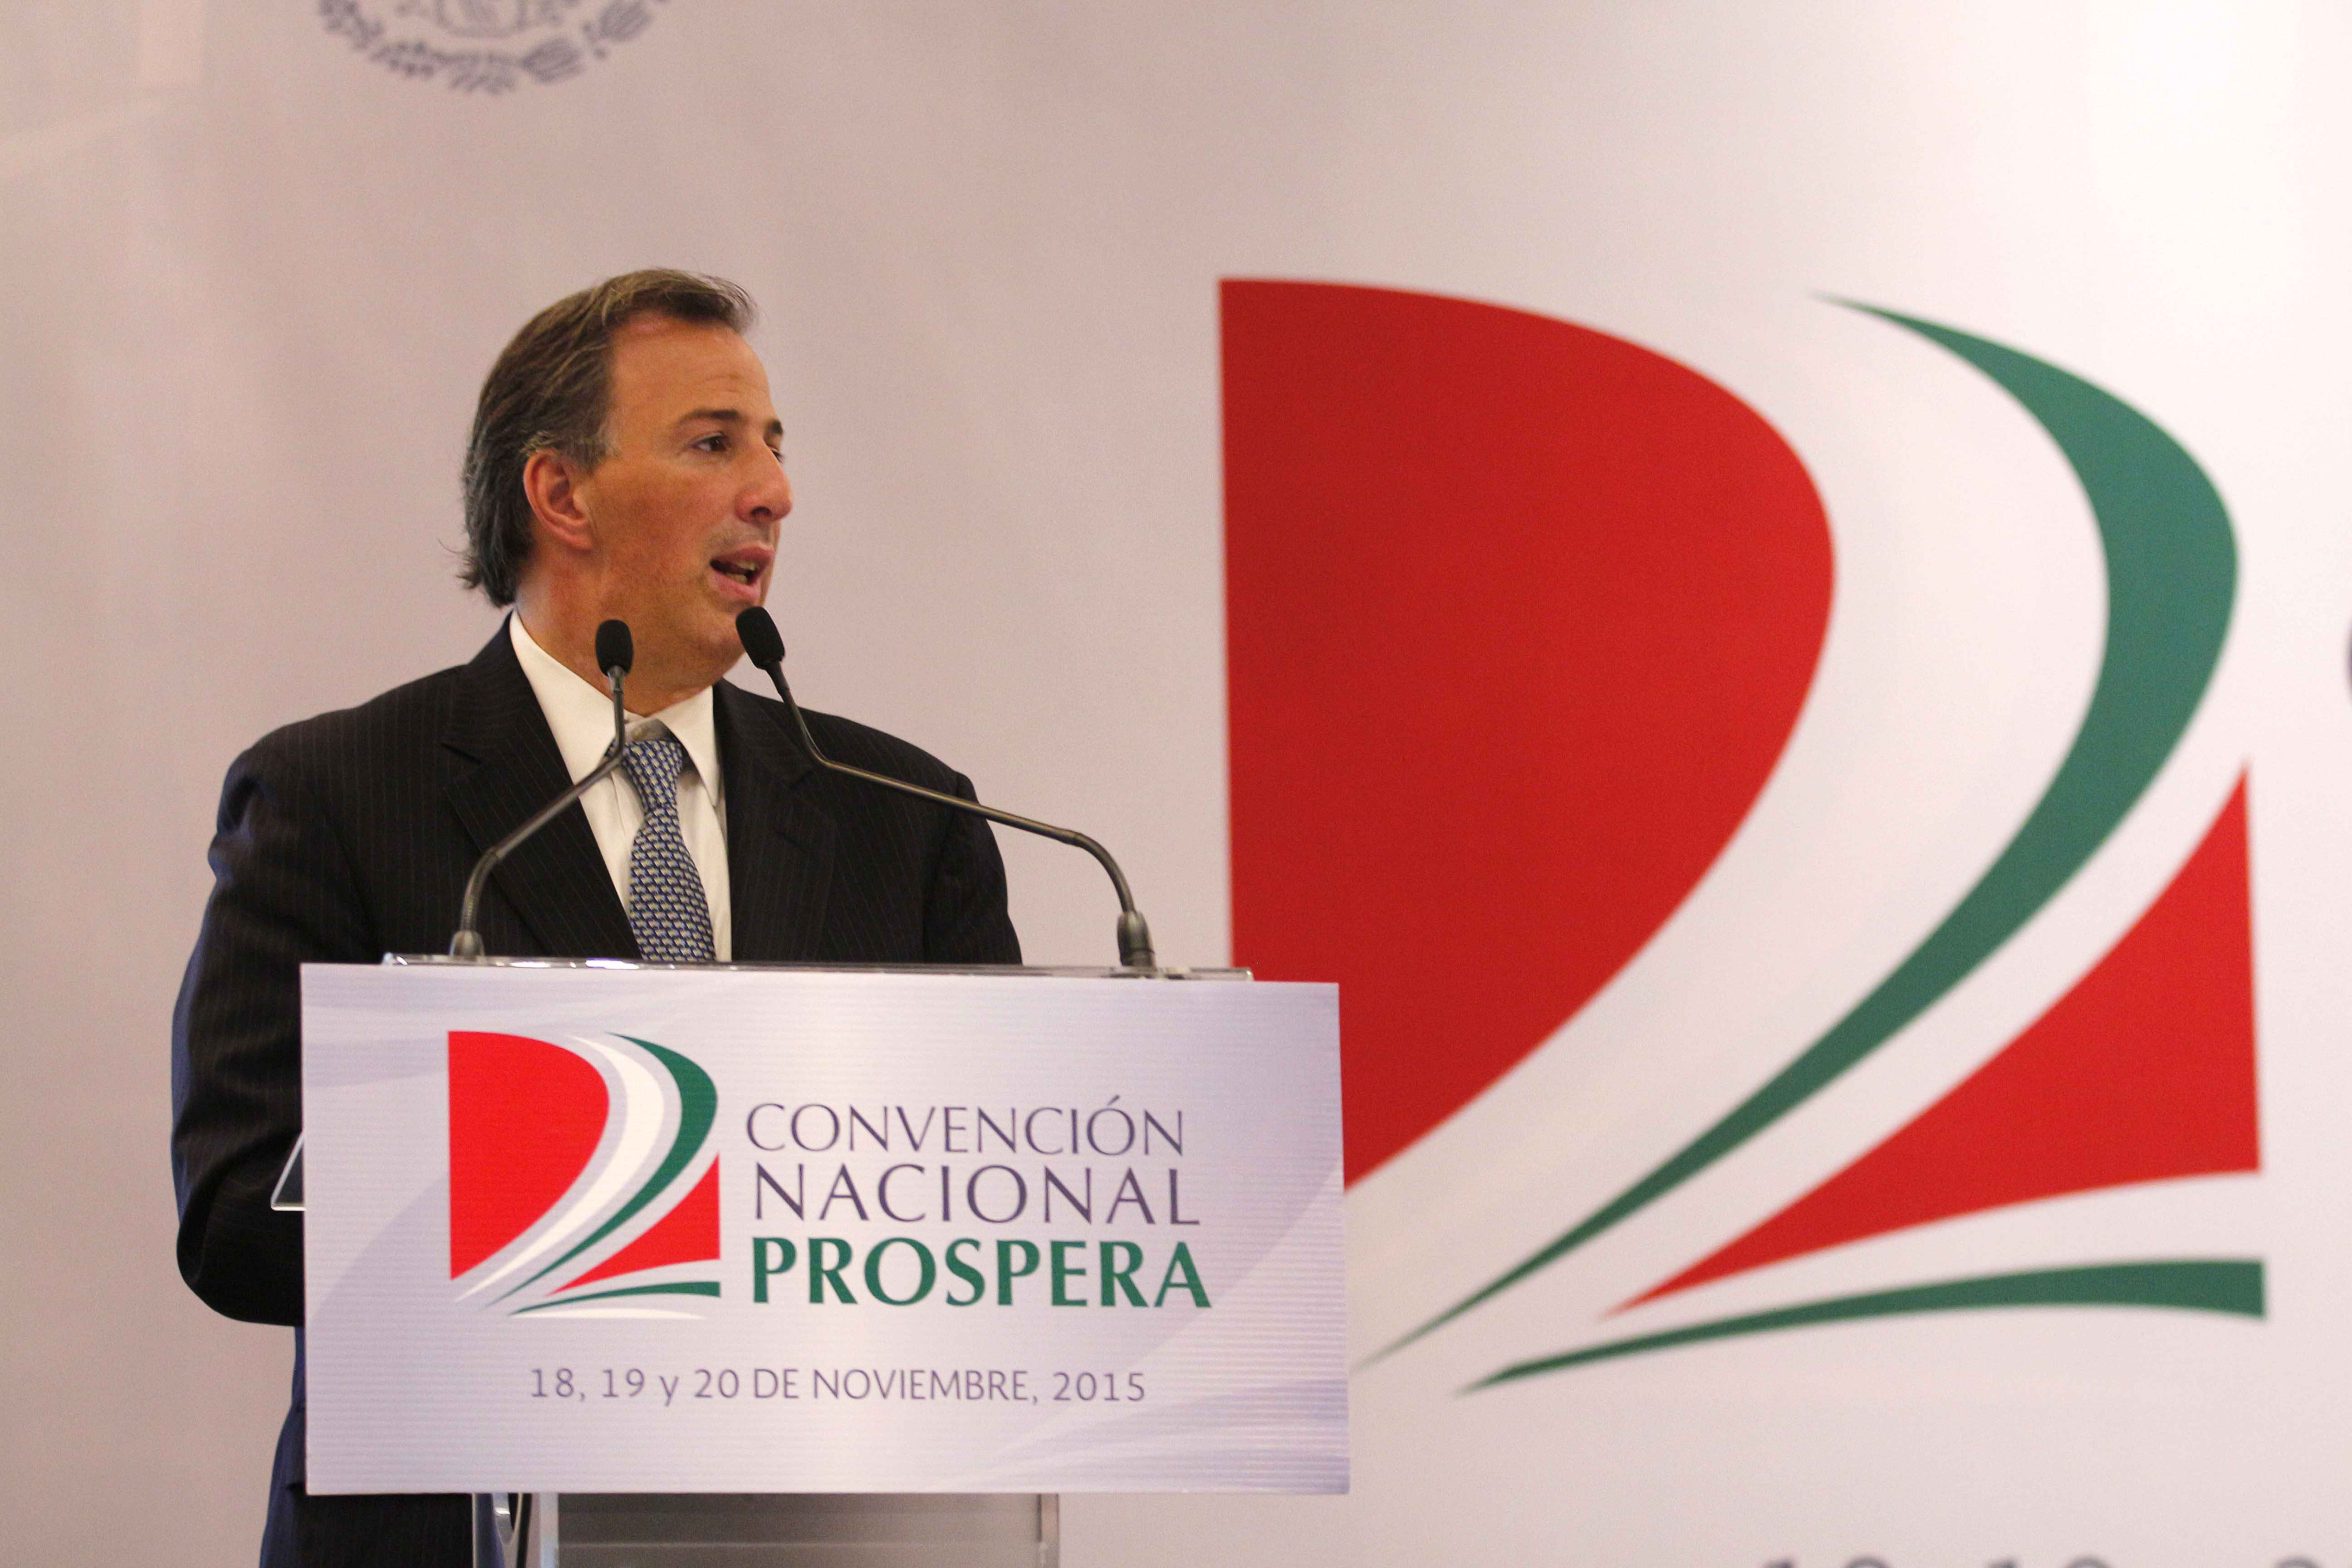 FOTO 4 Secretario Meade durante la Convenci n Nacional Prospera.jpg